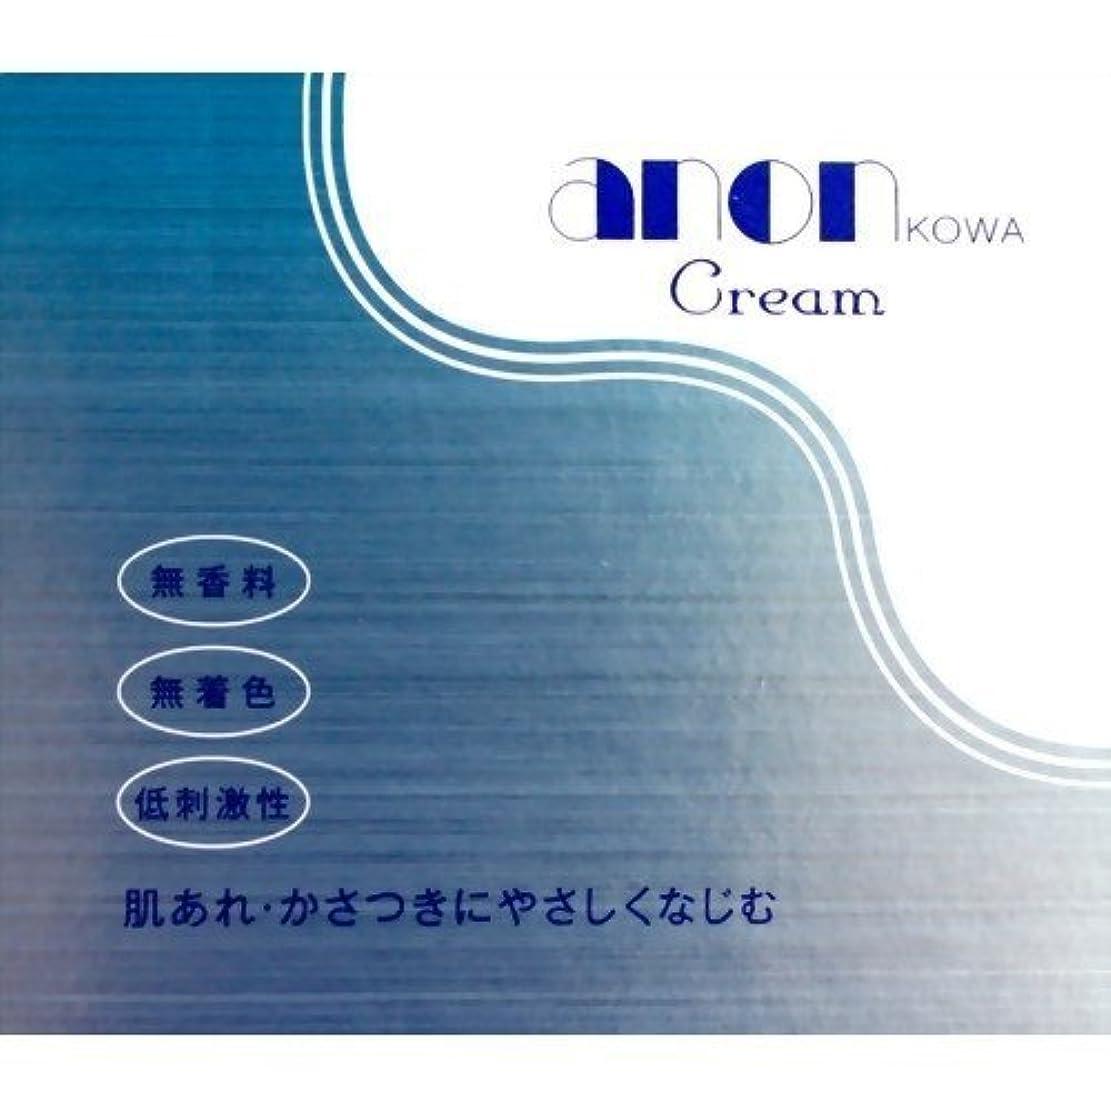 噂廃棄費用興和新薬 アノンコーワクリーム(160g)×2